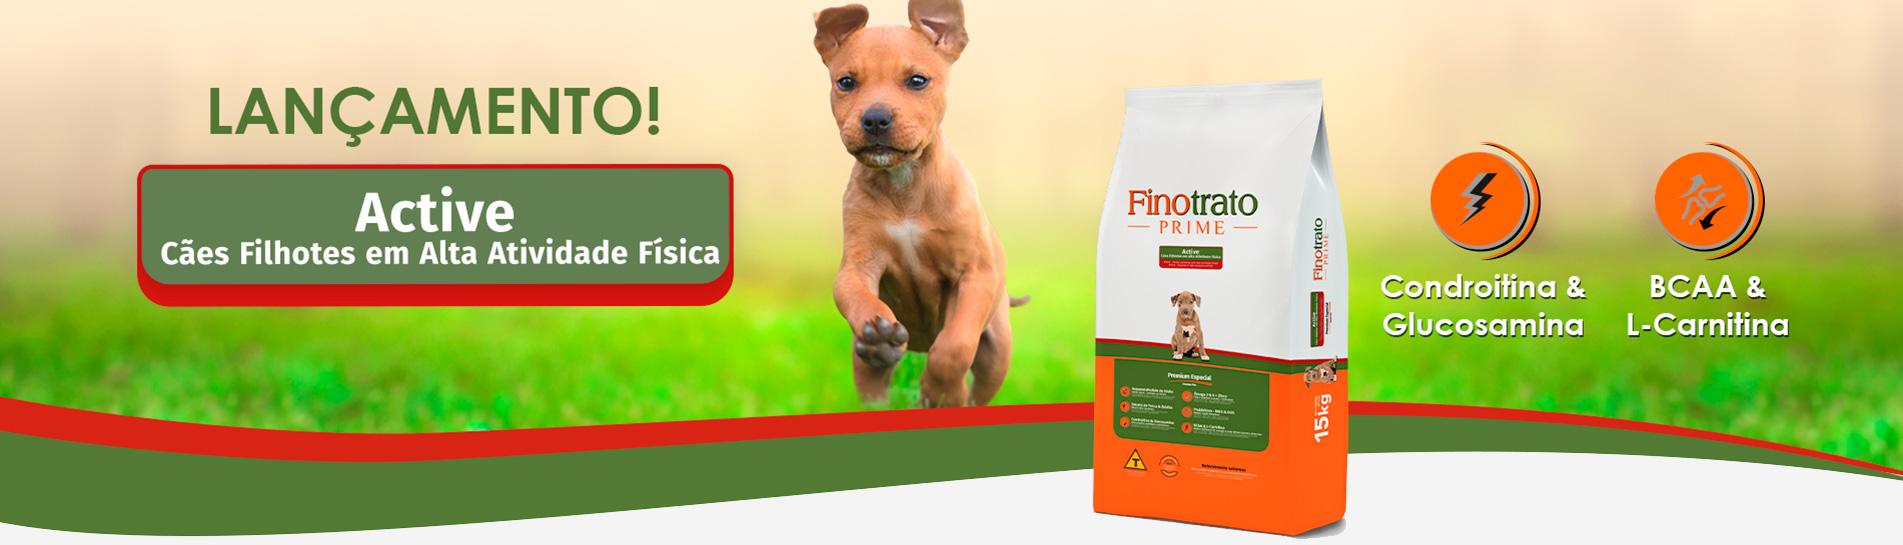 Ração Finotrato Prime Active Premium Especial para Cães Filhotes em Alta Atividade Física de 15Kg